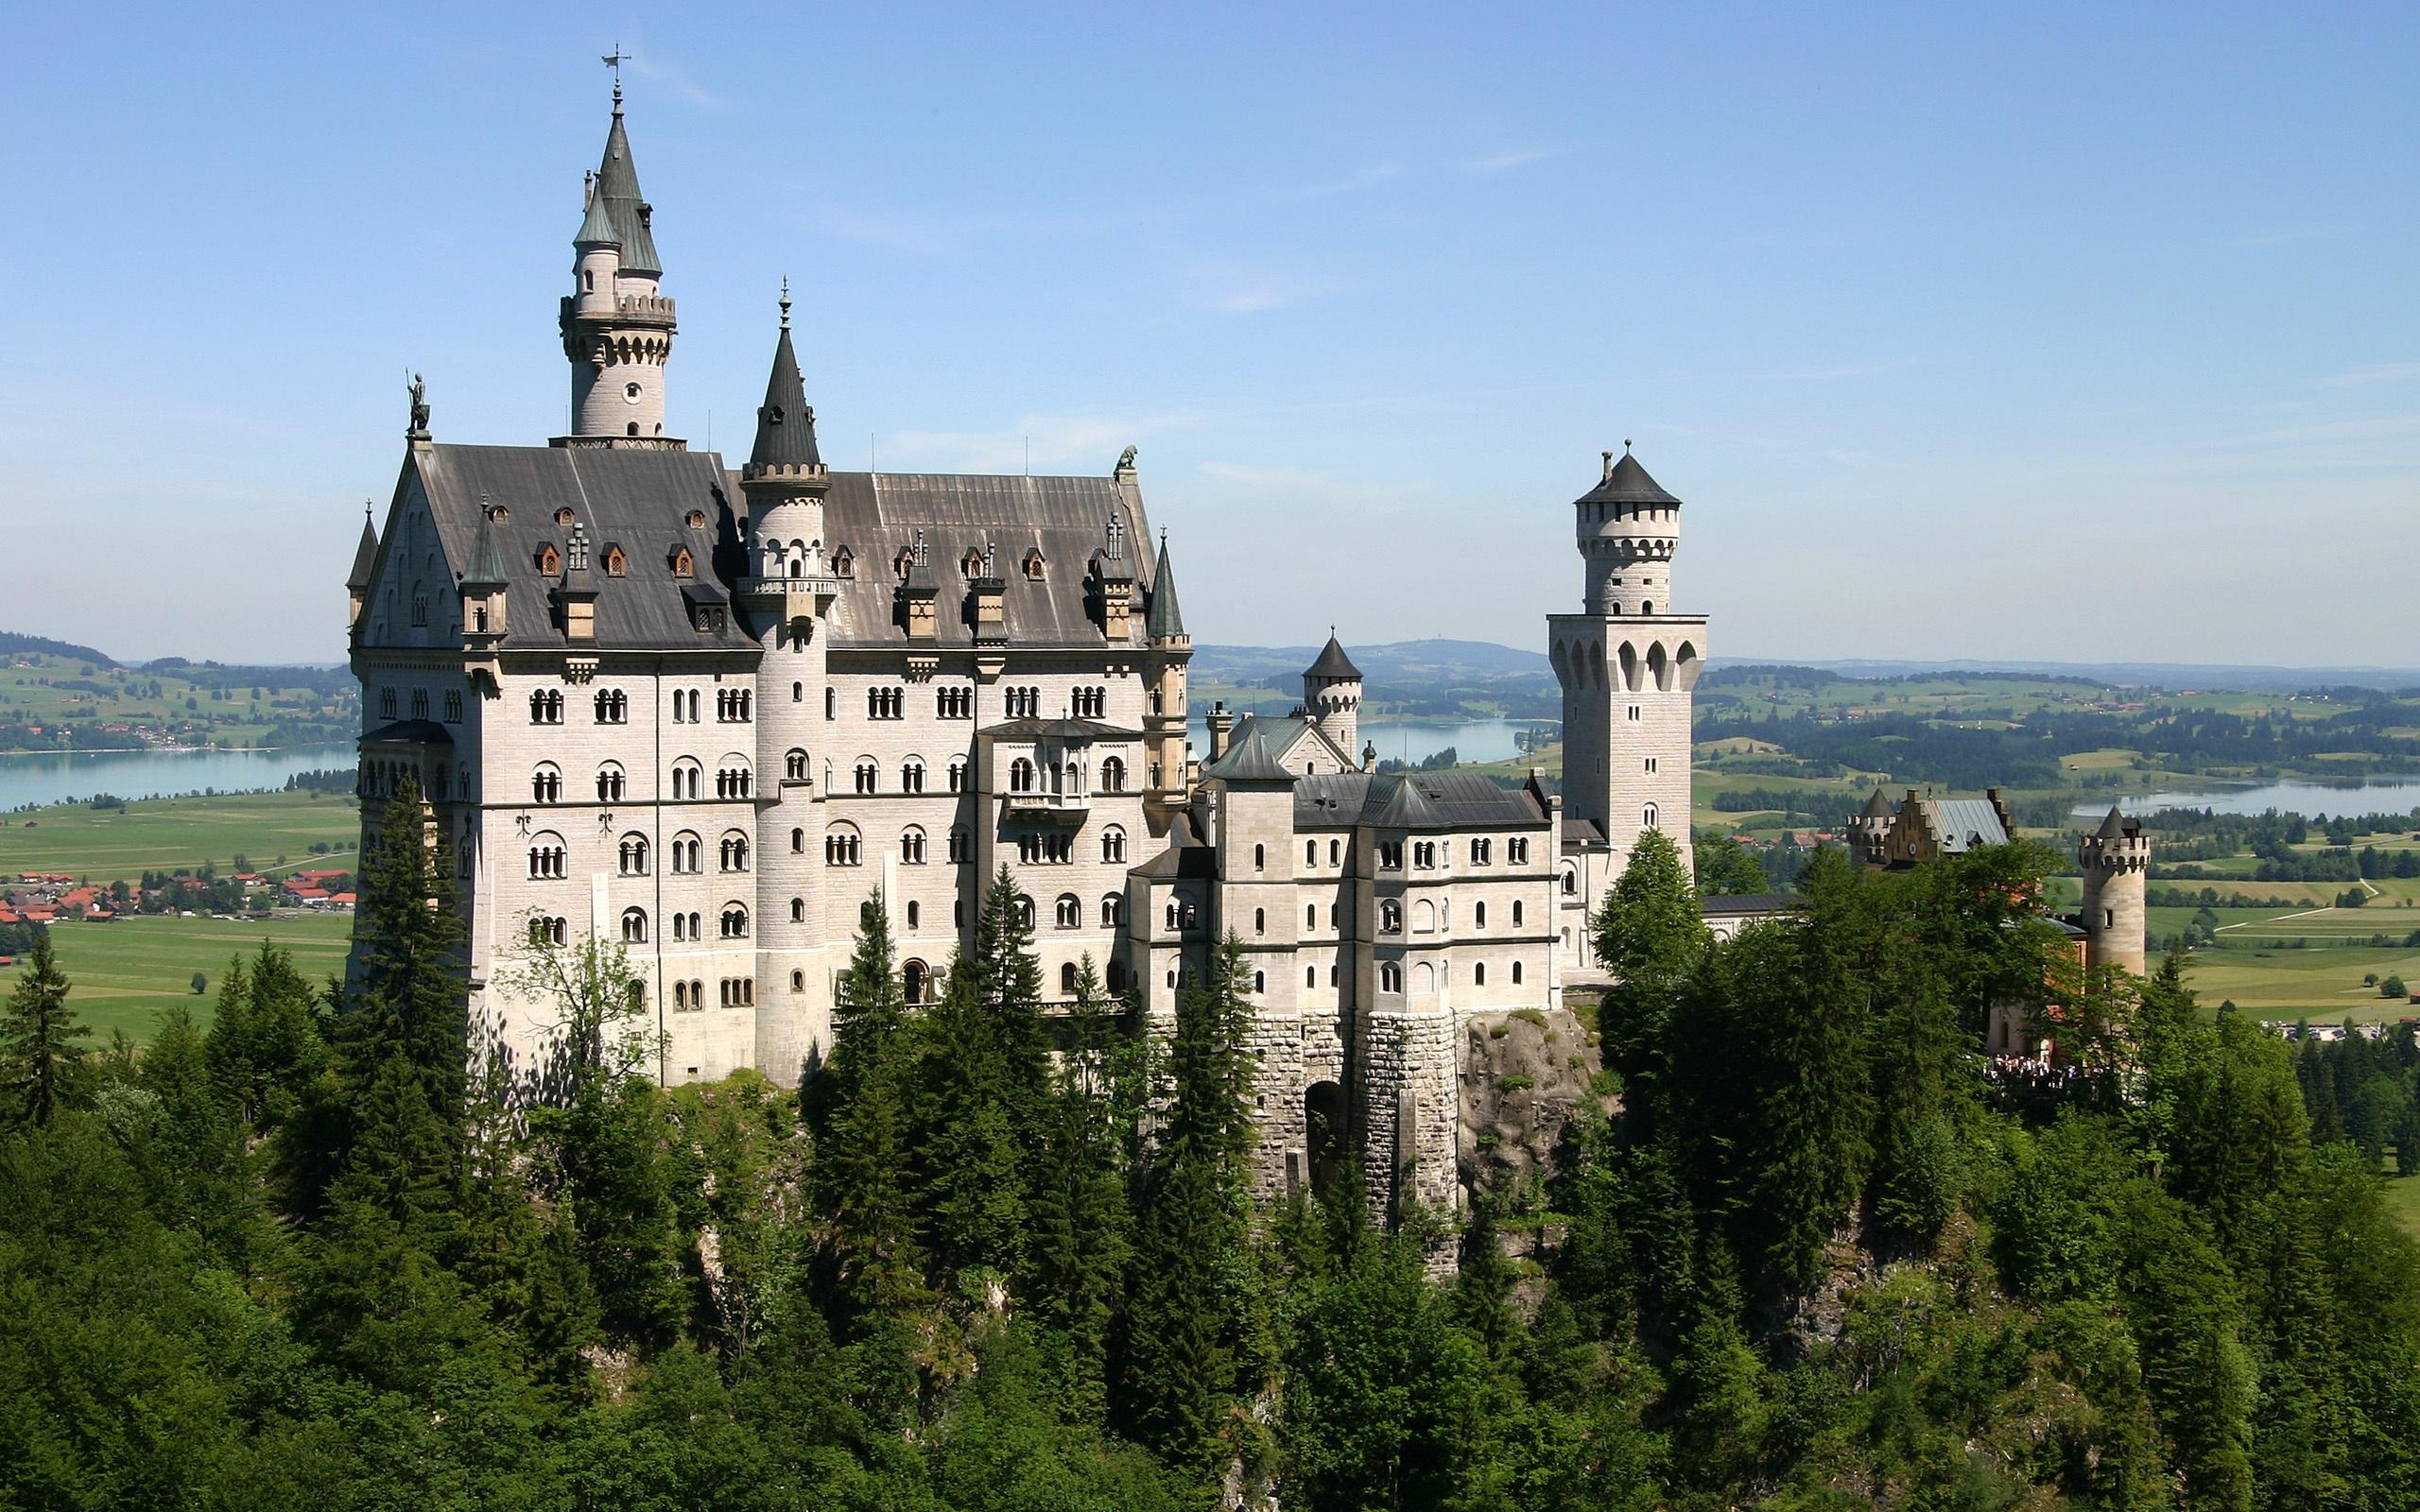 美丽的城堡 2560x1600图片